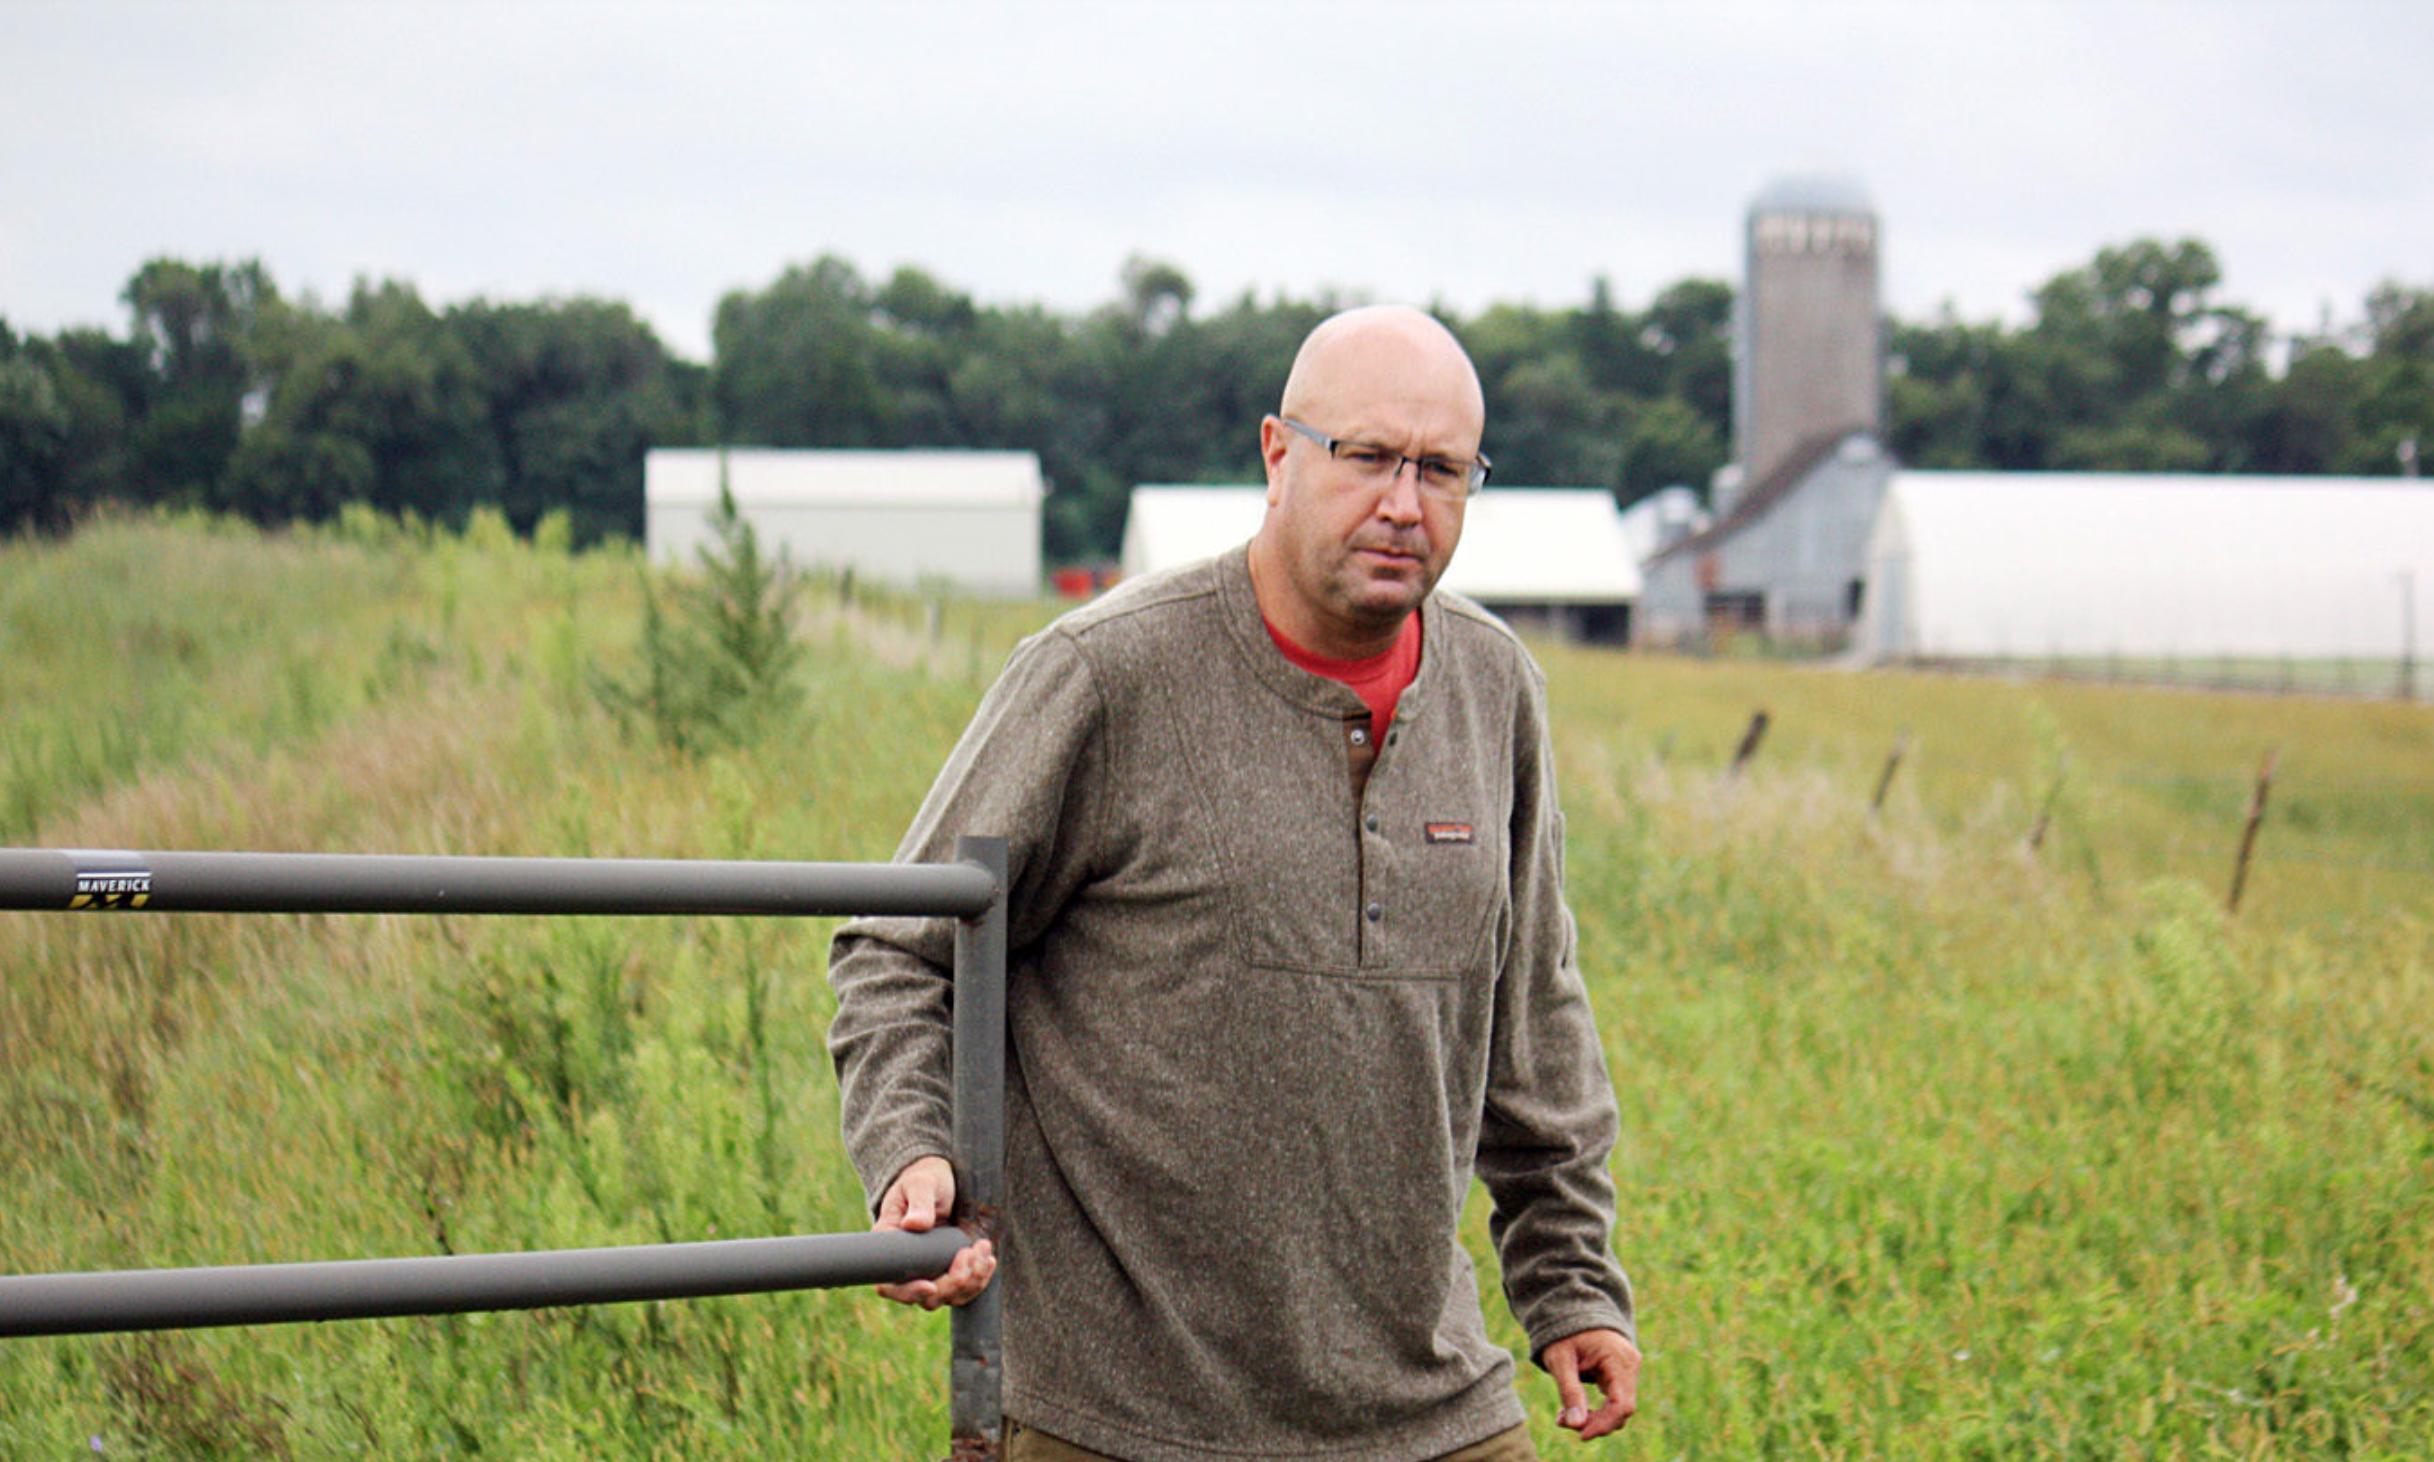 A SOIL JUNKIE EXPLAINS NO-TILL PRACTICES FOR REGENERATIVE AGRICULTURE